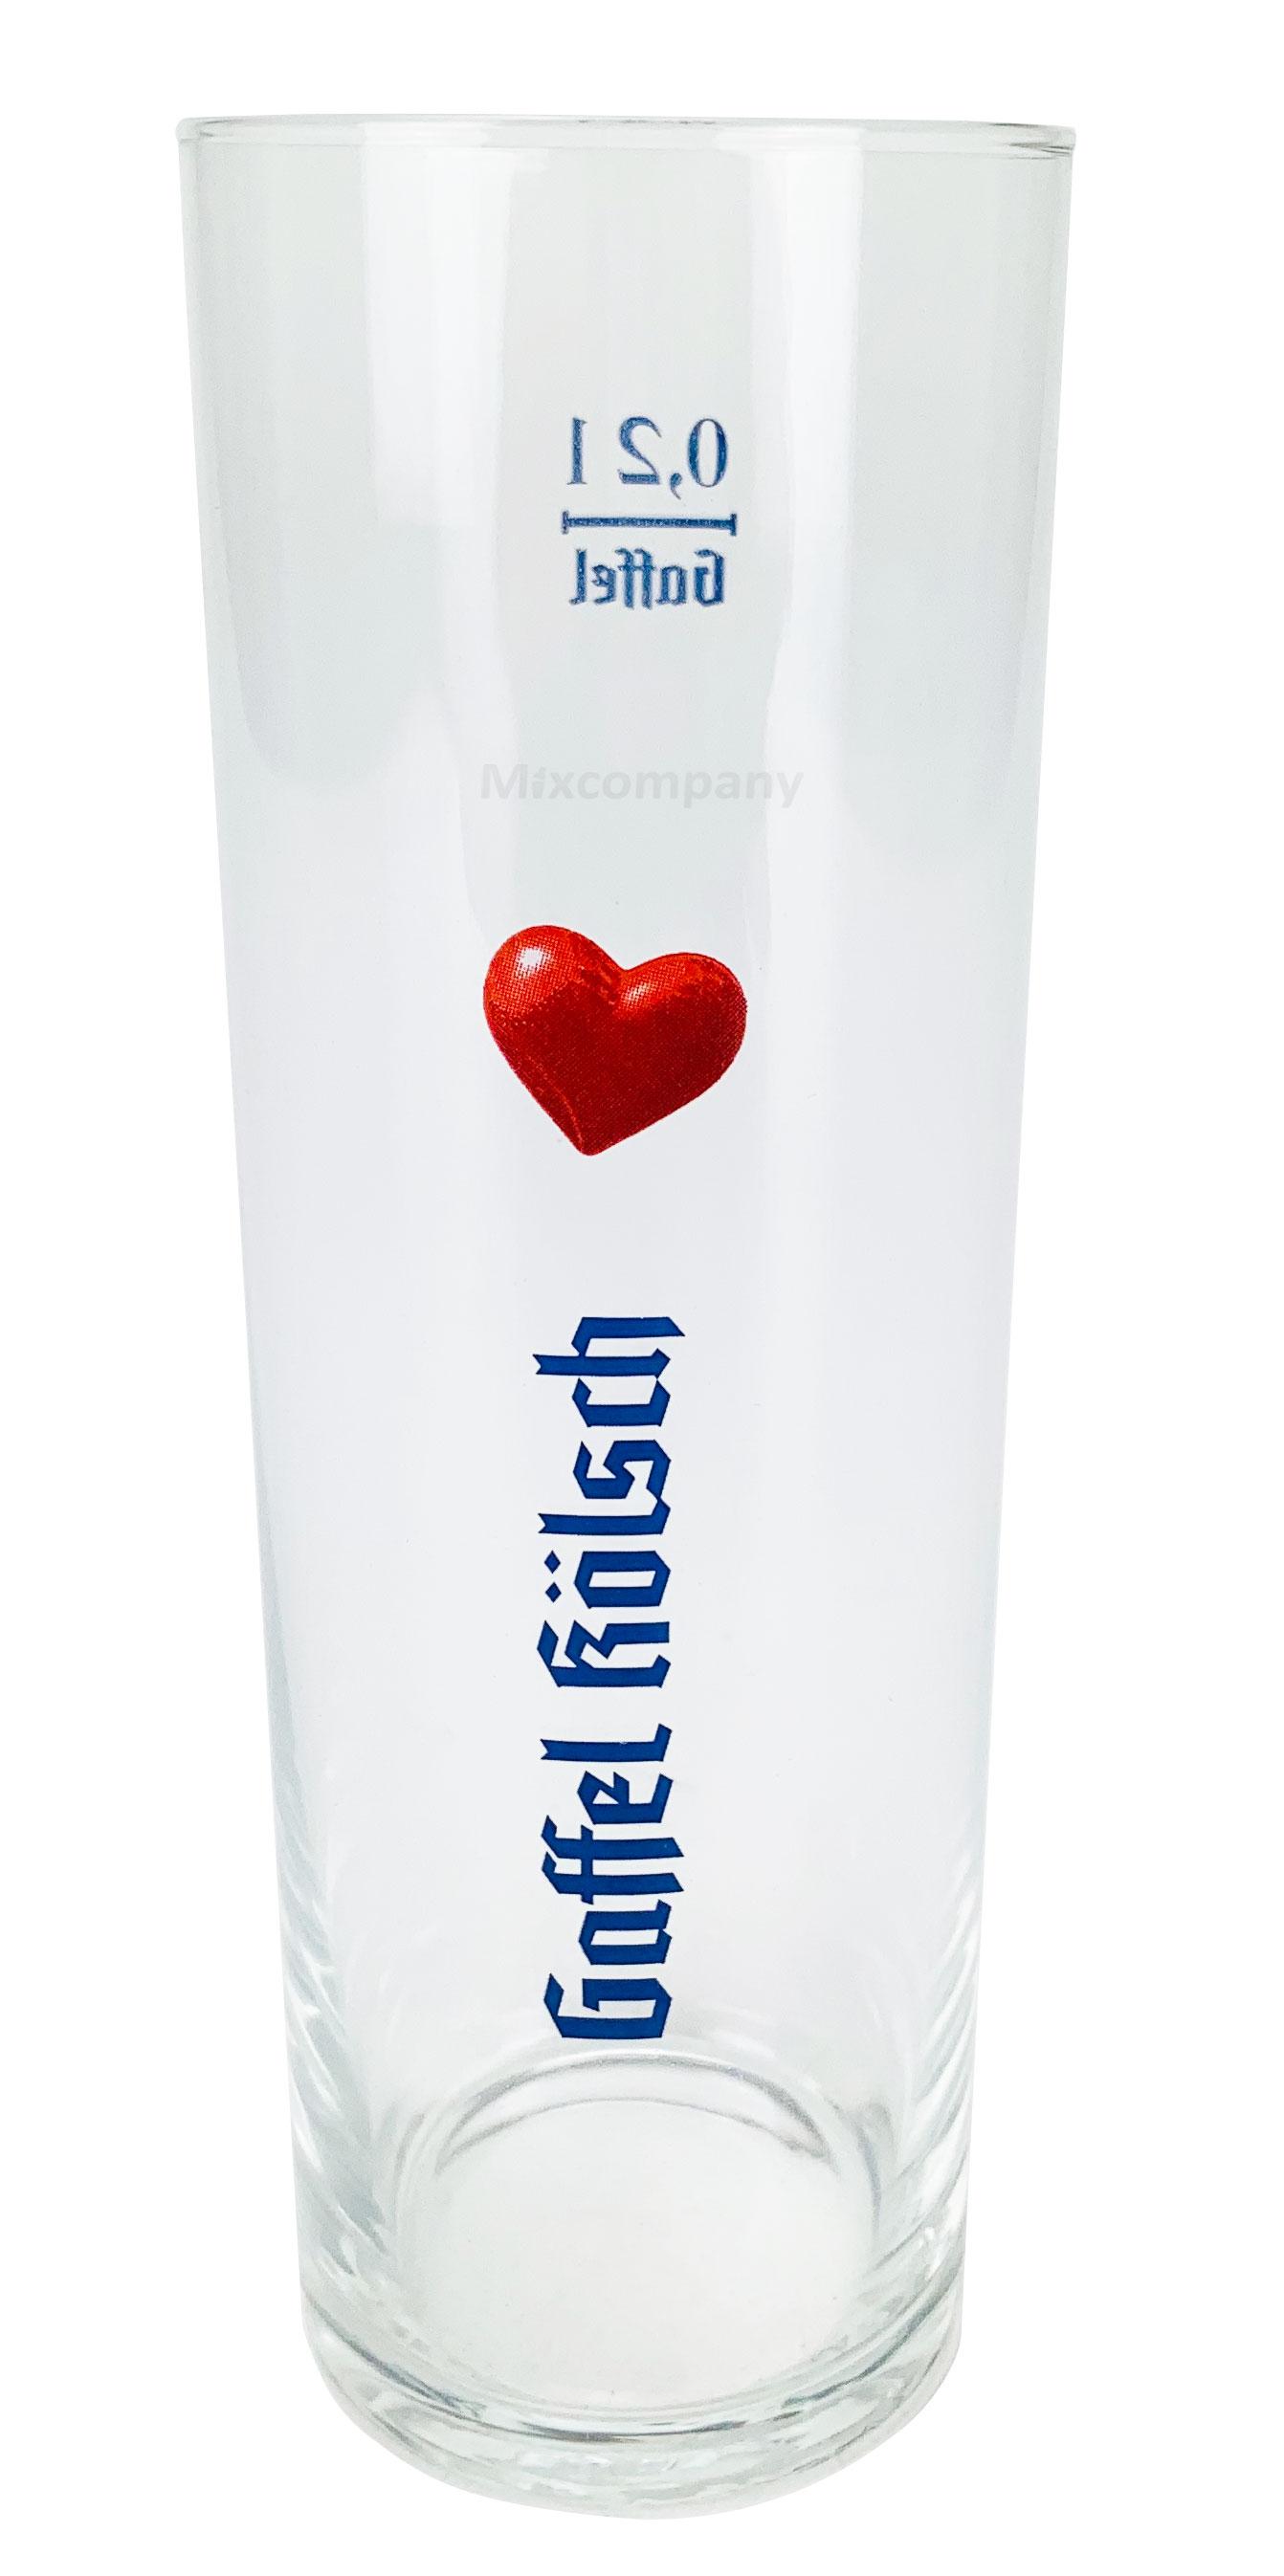 Gaffel Kölsch Stange Glas Bierglas 0,2l geeicht - mit Herz Abbildung - 1 Stück